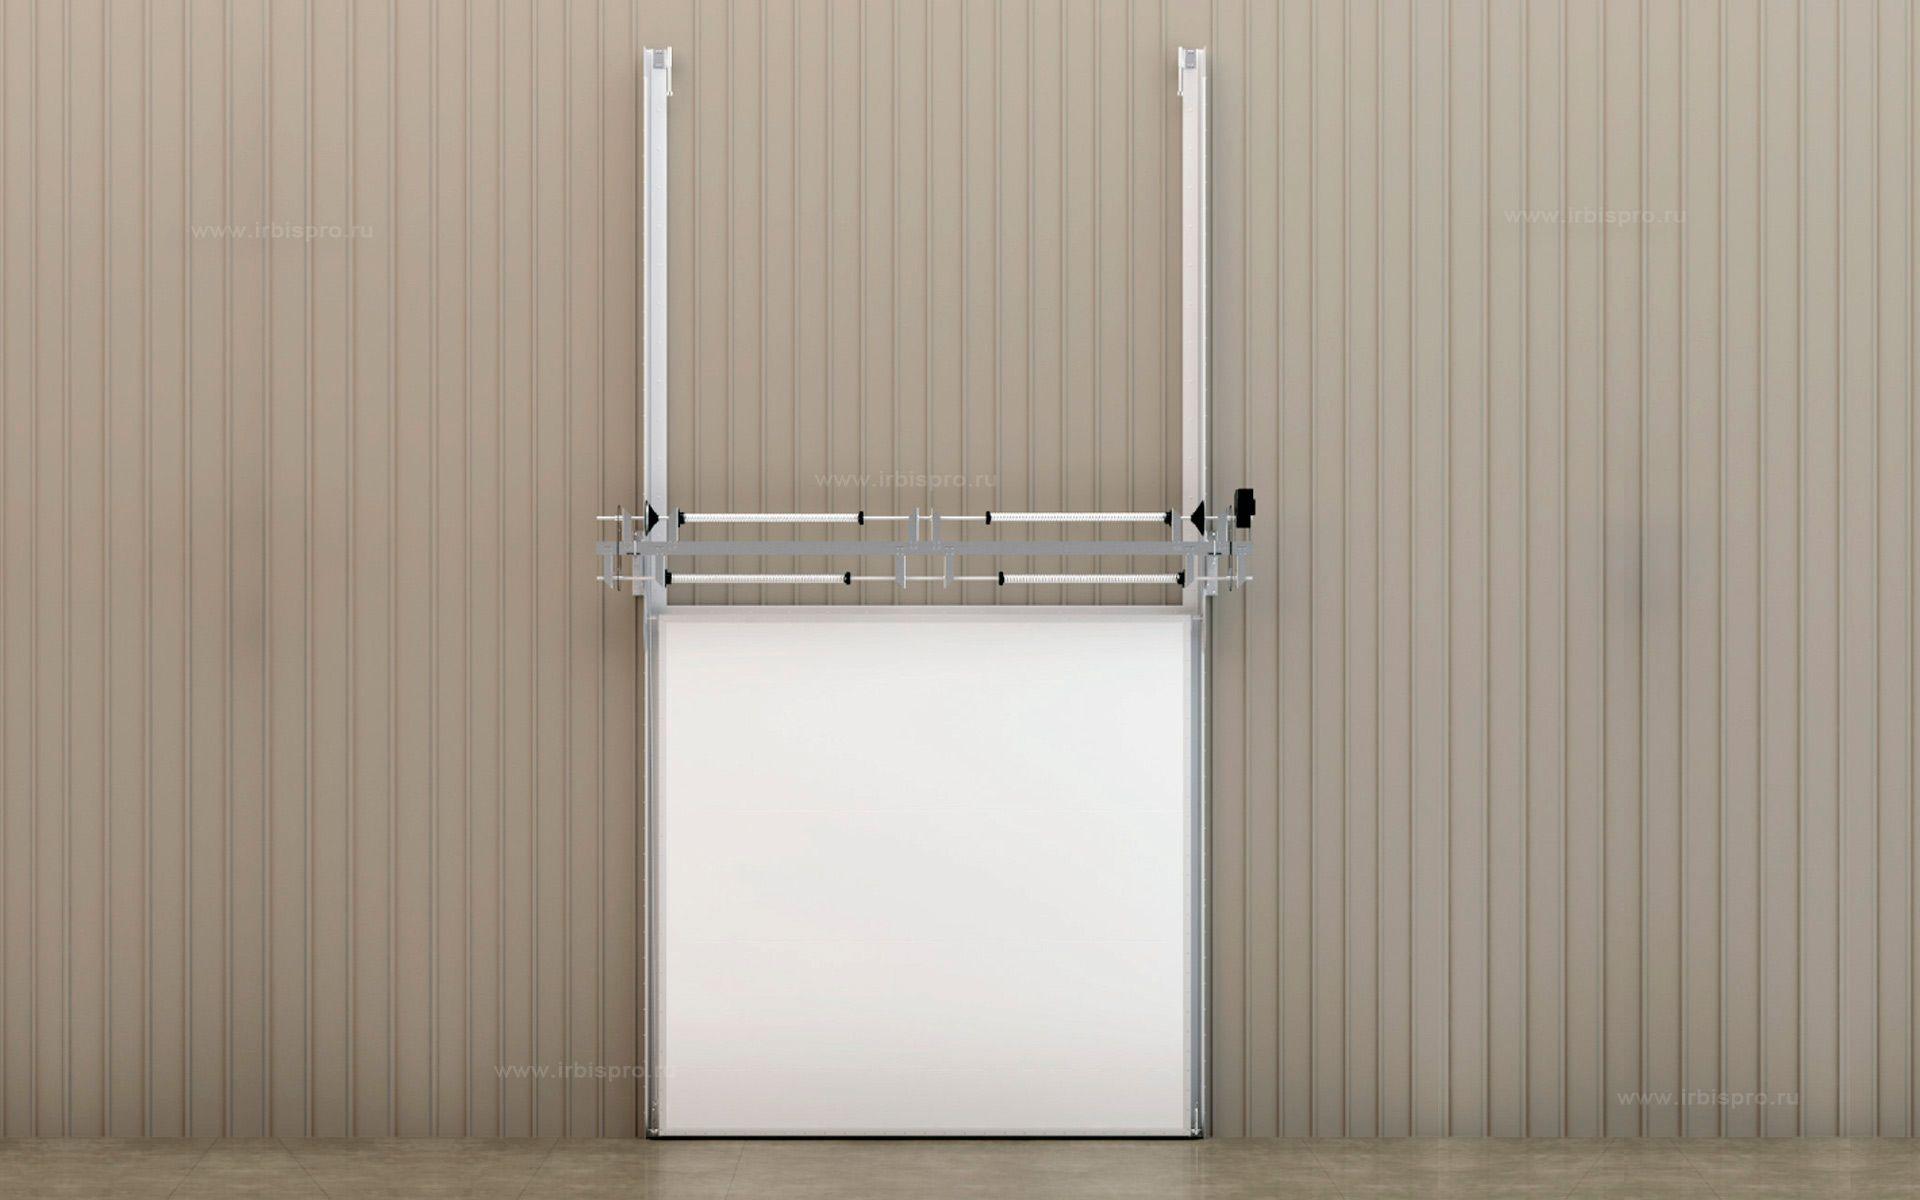 Вертикальные холодильные двери общего назначения